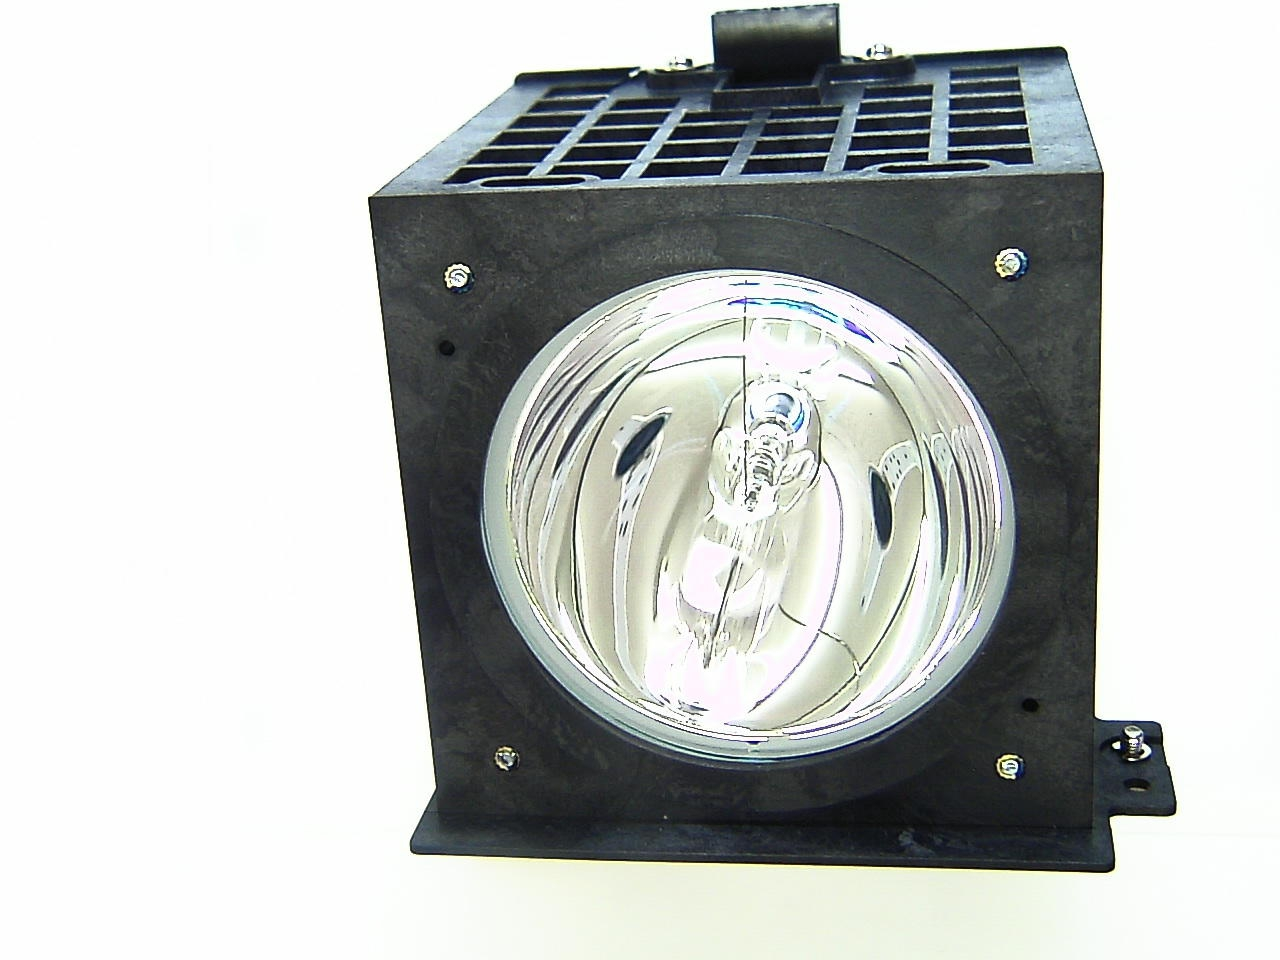 Lámpara TOSHIBA P702 SXDJ